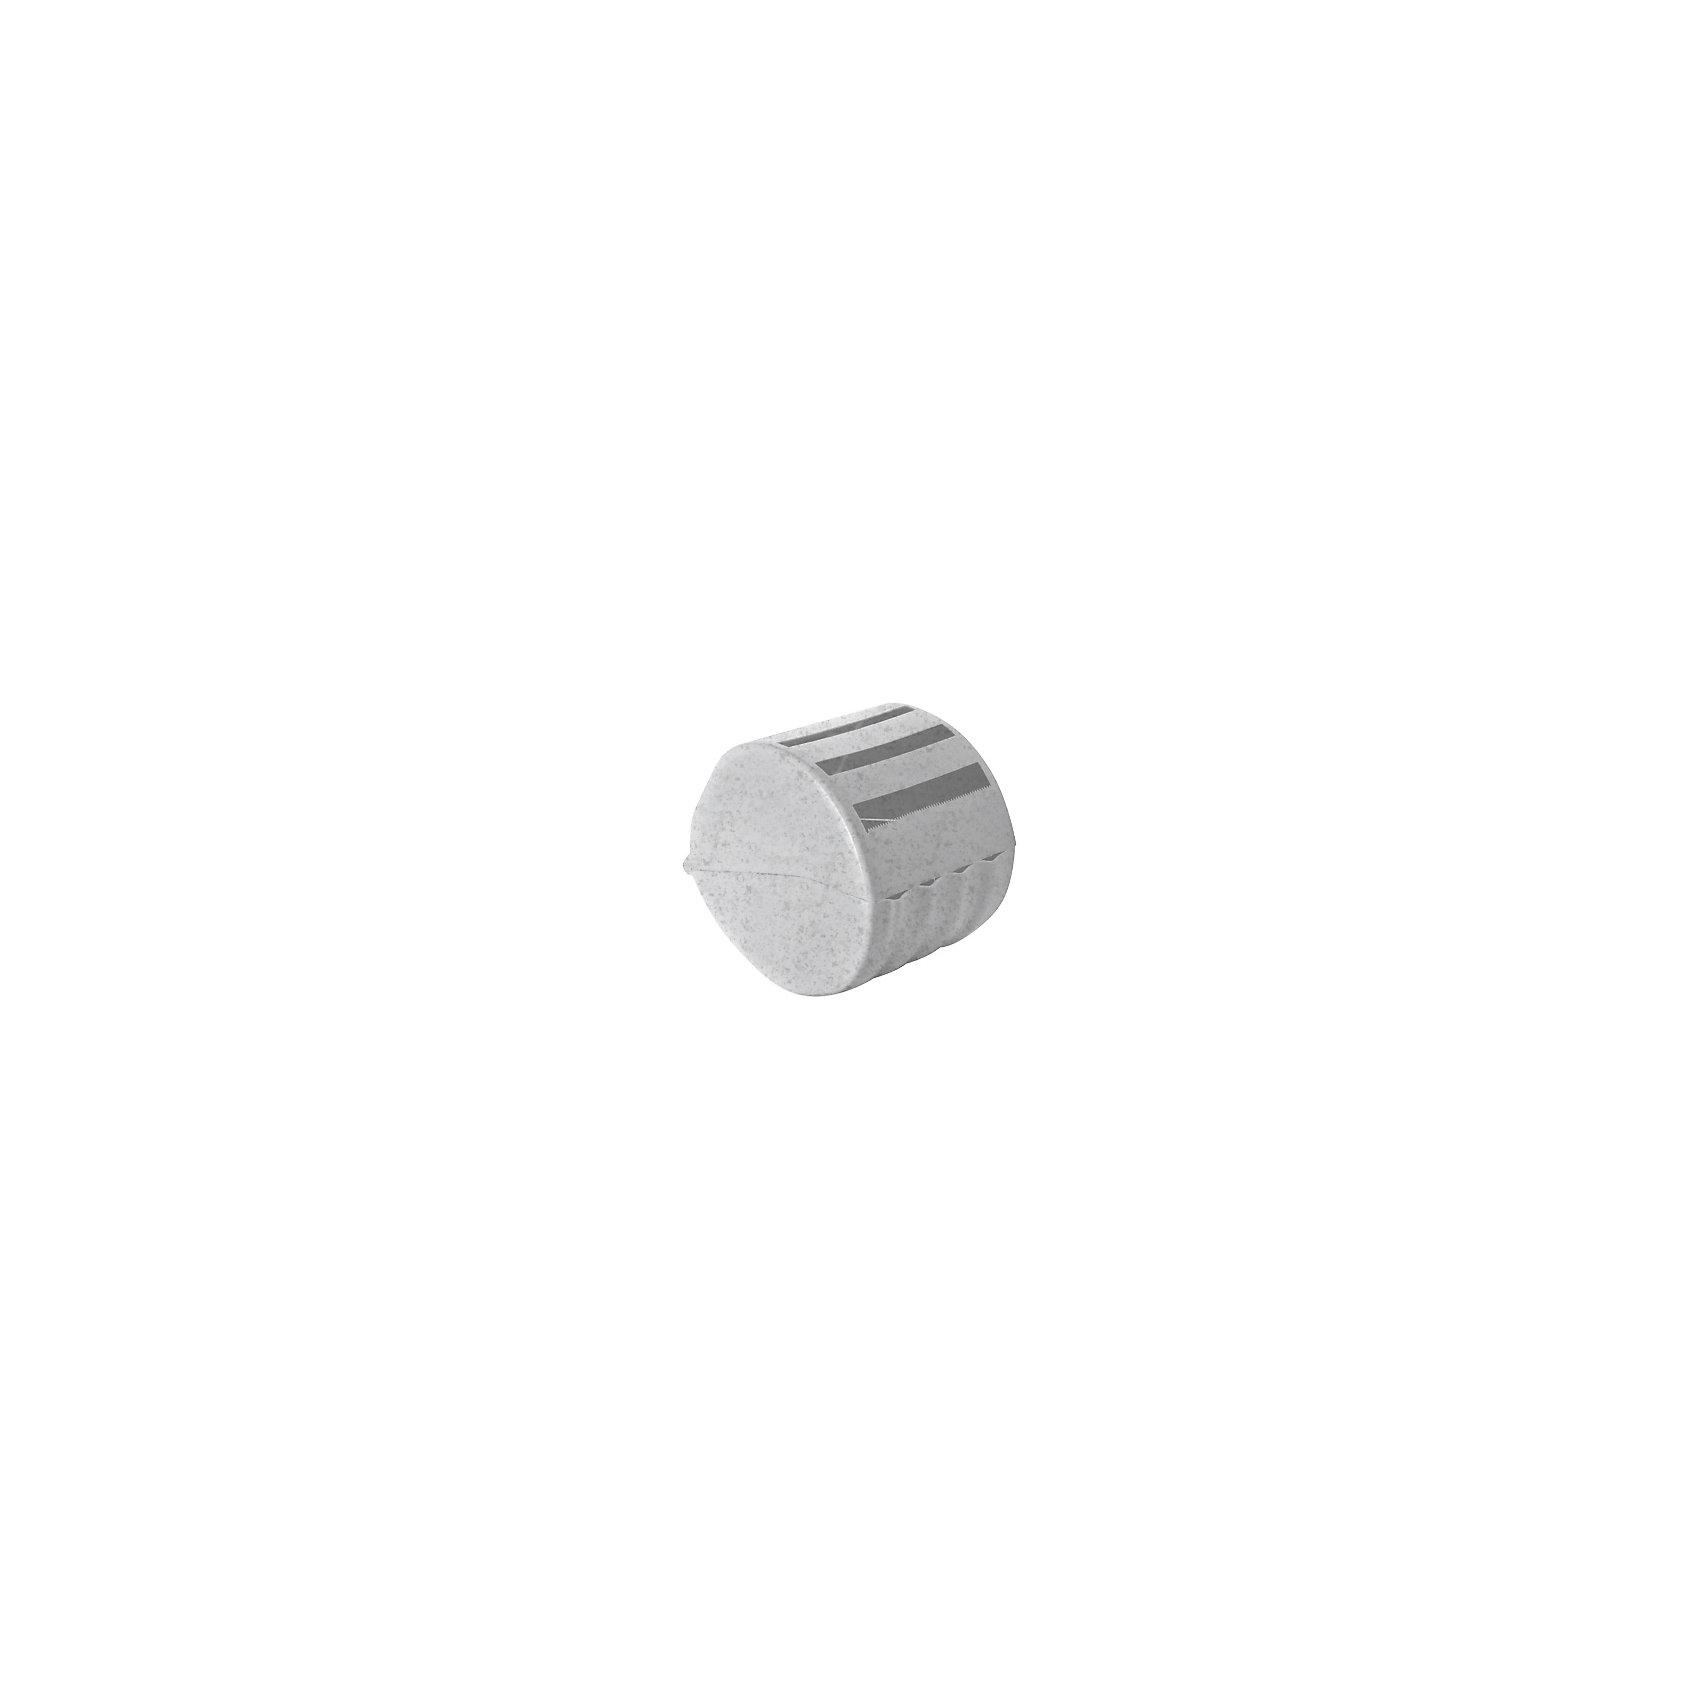 Держатель для туалетной бумаги, BranQВанная комната<br>Держатель для туалетной бумаги, BranQ<br><br>Характеристики:<br><br>• Цвет: голубой<br>• Зубцы для лёгкого отрывания бумаги<br>• Материал: полипропилен<br>• Надёжно крепится к стене<br>• Размер: 15,5х12,2х13,5 см<br>• Вес: 136 грамм<br><br>Держатель можно удобно и надежно закрепить на стене и пользоваться им долгое время, благодаря высокому качеству пластика, использованному при создании.<br><br>Держатель для туалетной бумаги, BranQ можно купить в нашем интернет-магазине.<br><br>Ширина мм: 155<br>Глубина мм: 122<br>Высота мм: 135<br>Вес г: 136<br>Возраст от месяцев: 216<br>Возраст до месяцев: 1188<br>Пол: Унисекс<br>Возраст: Детский<br>SKU: 5545596